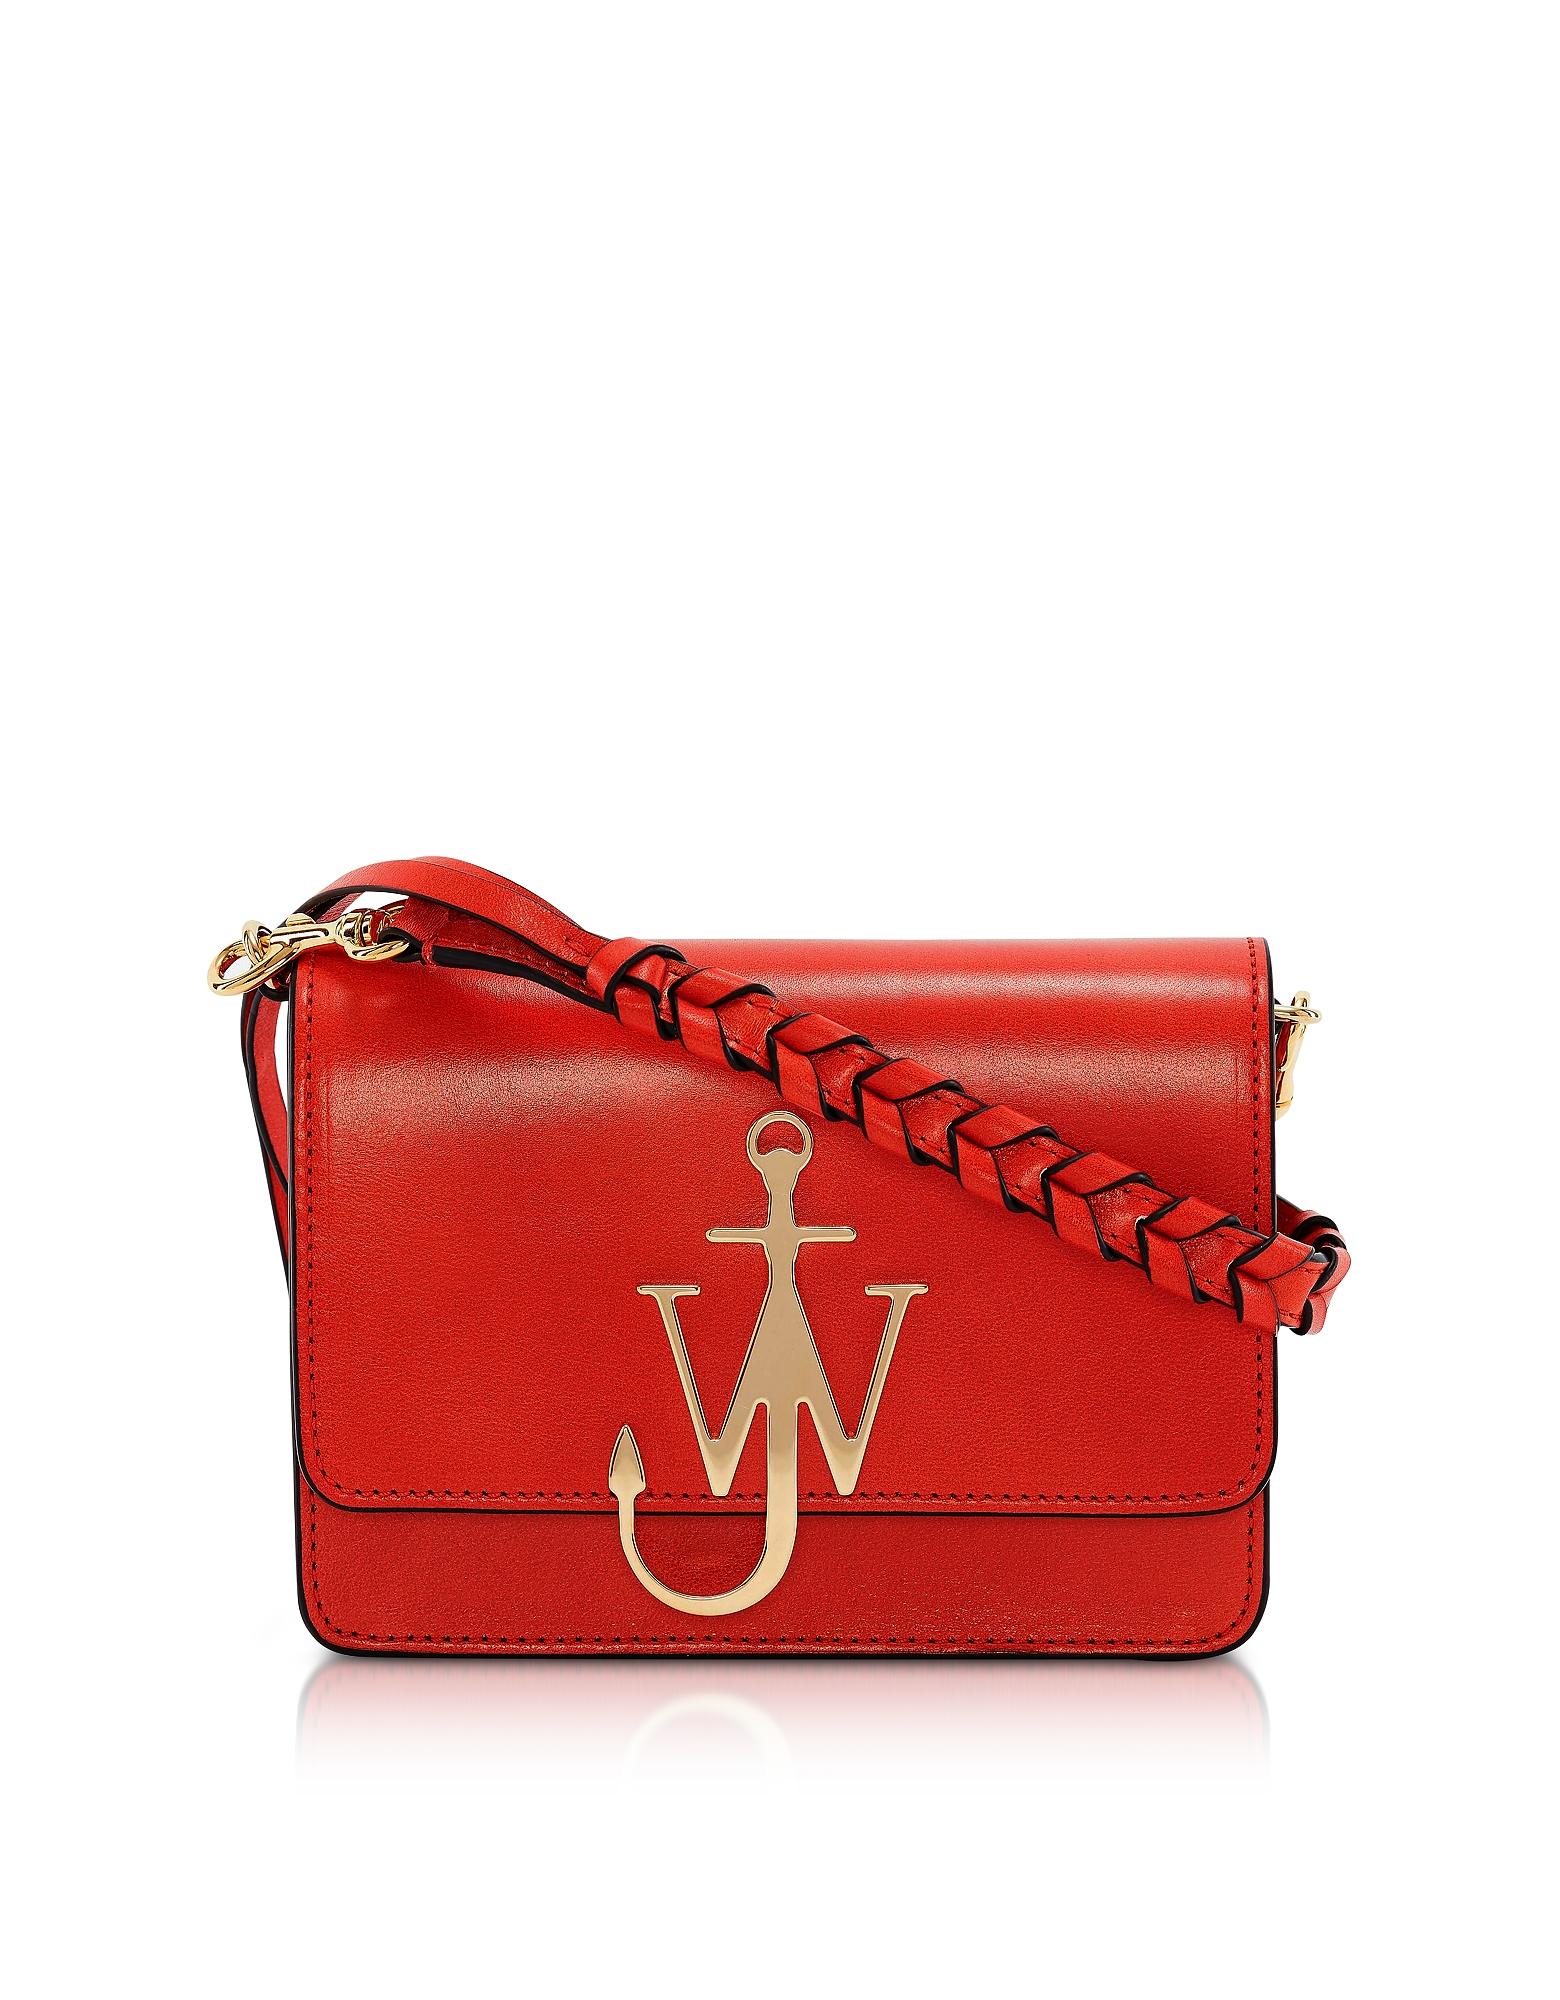 JW Anderson Designer Handbags, Anchor Logo Bag w/Braided Strap